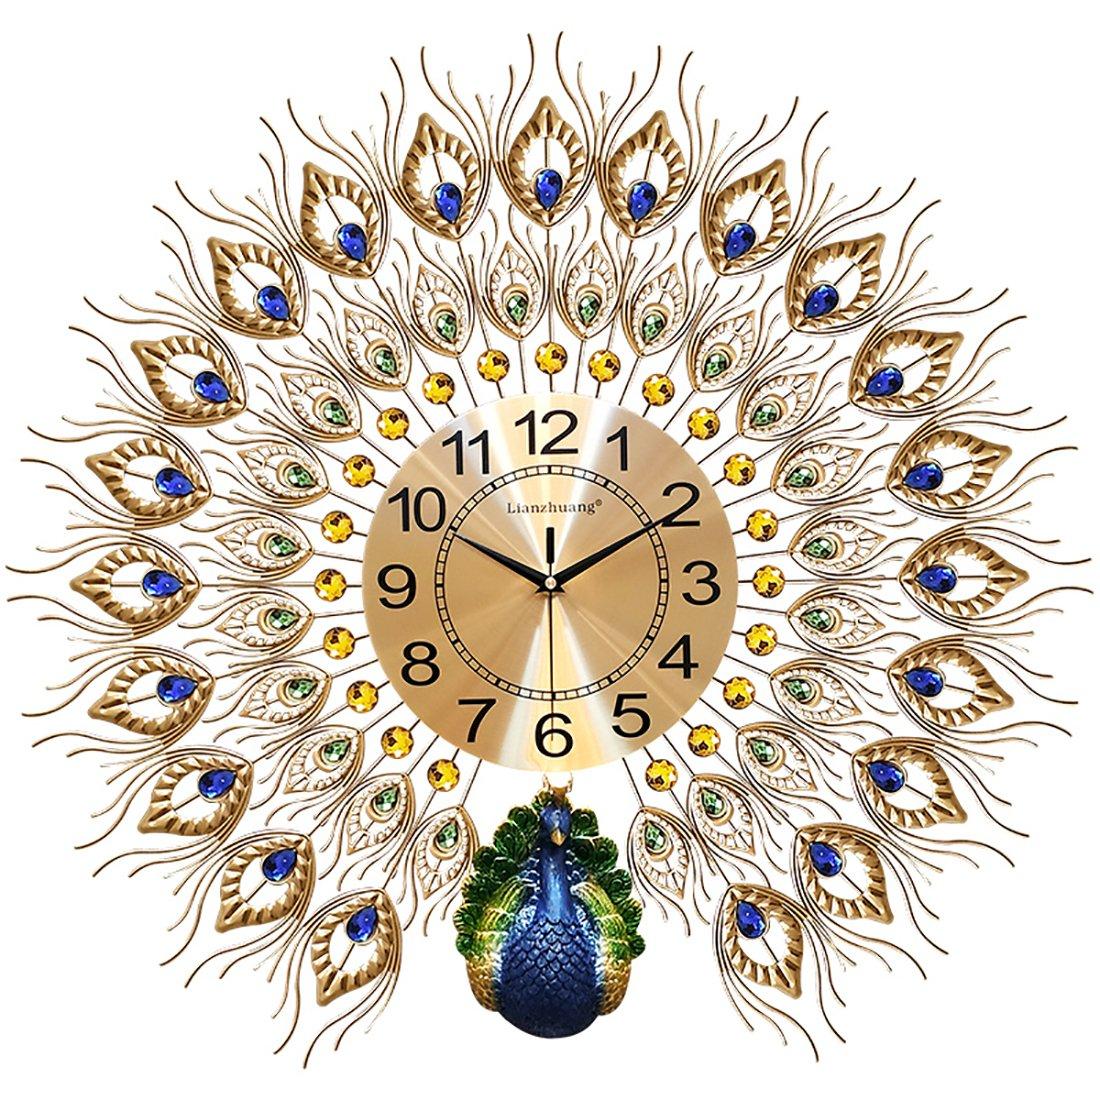 ホームアートピーコックウォールクロックパーラーヨーロッパの時計クリエイティブ時計ホームインテリアウォッチウォールクロックサイレント電子時計クォーツ時計 B07F2F6QQ8